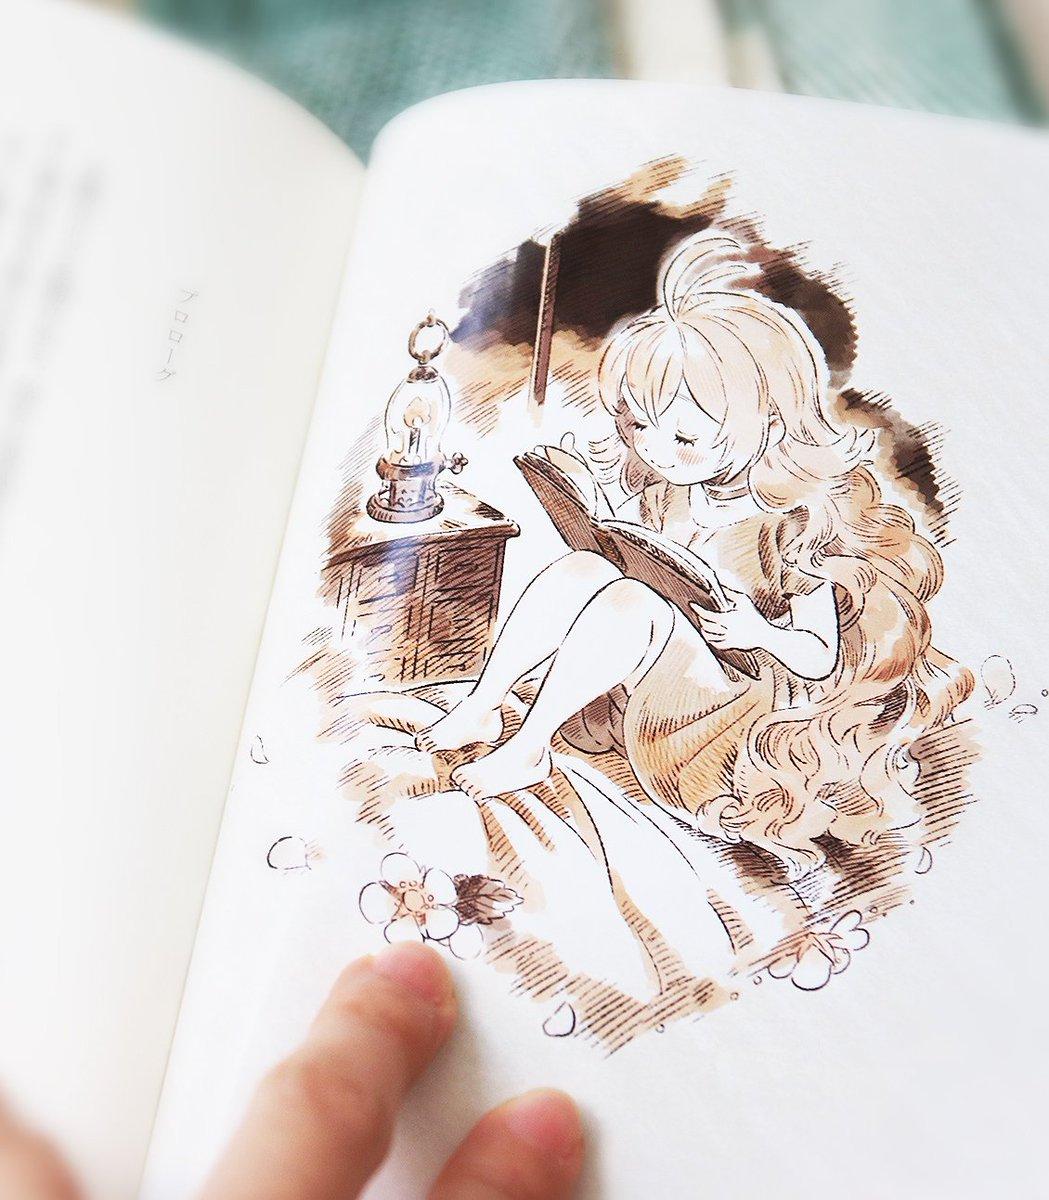 ?電撃の新文芸『魔女と少女の愛した世界』の挿画を担当致しました。どこか懐かしくて、温かくて、寒くなってきたこの頃にぴったりの作品だと思います。二人の手探りな関係が、んきゅ~~~ってなります。是非お手に取って頂けると嬉しいです。?